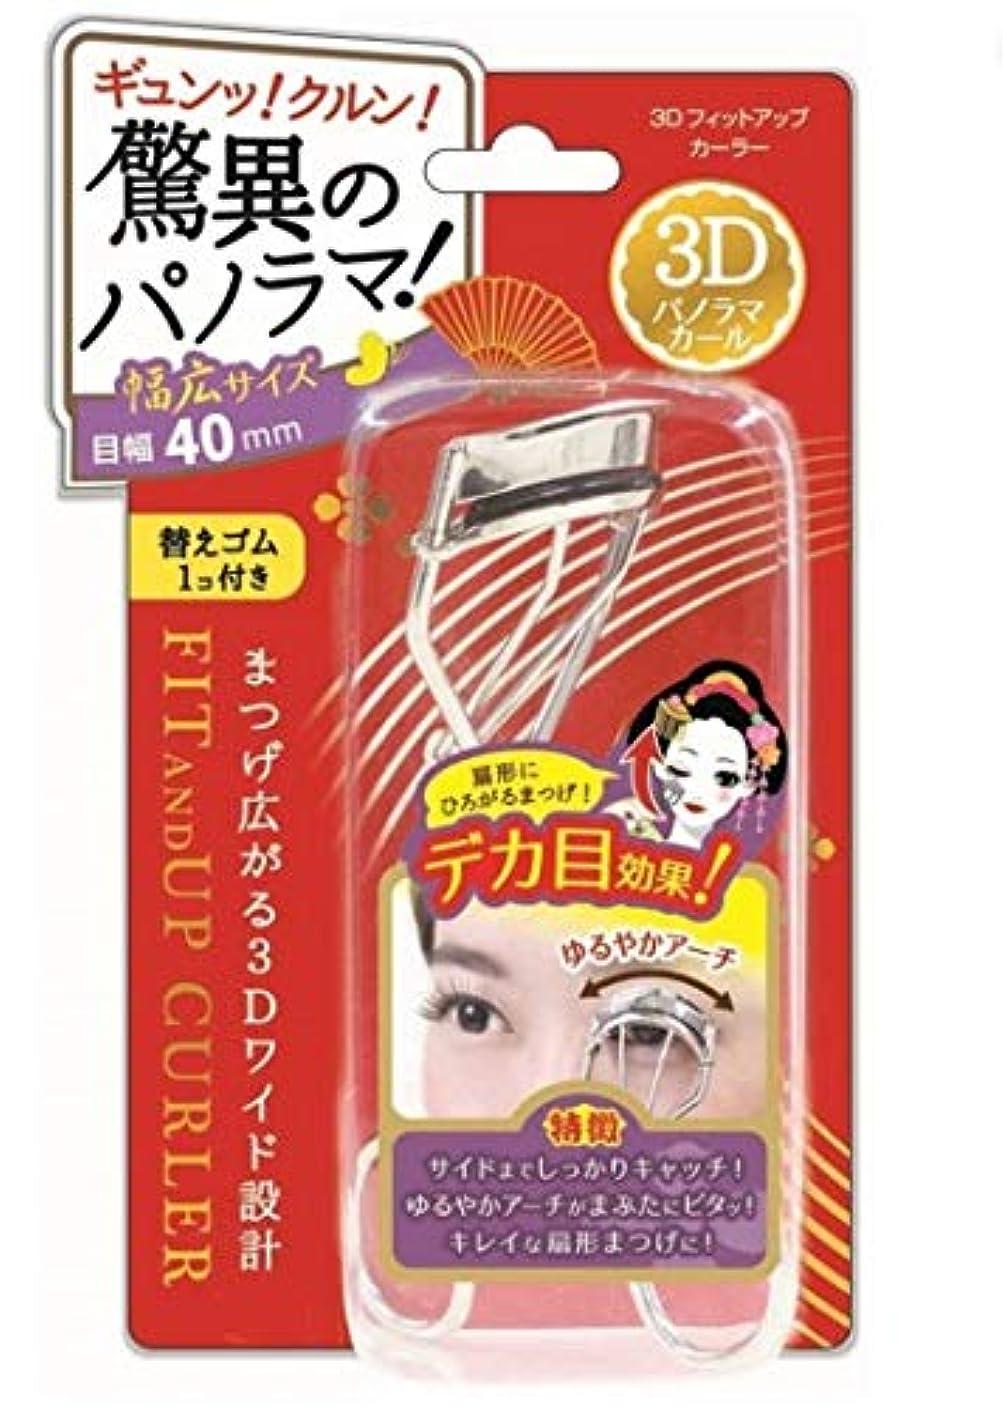 添加拒絶氷3Dフィットアップカーラー FUC682 幅広サイズ 40mm コスメ メイクグッズ 化粧品 目 まつげ まつ毛 カール アップ ビューラー ゆるやか3Dアーチ デカ目 女子 女性